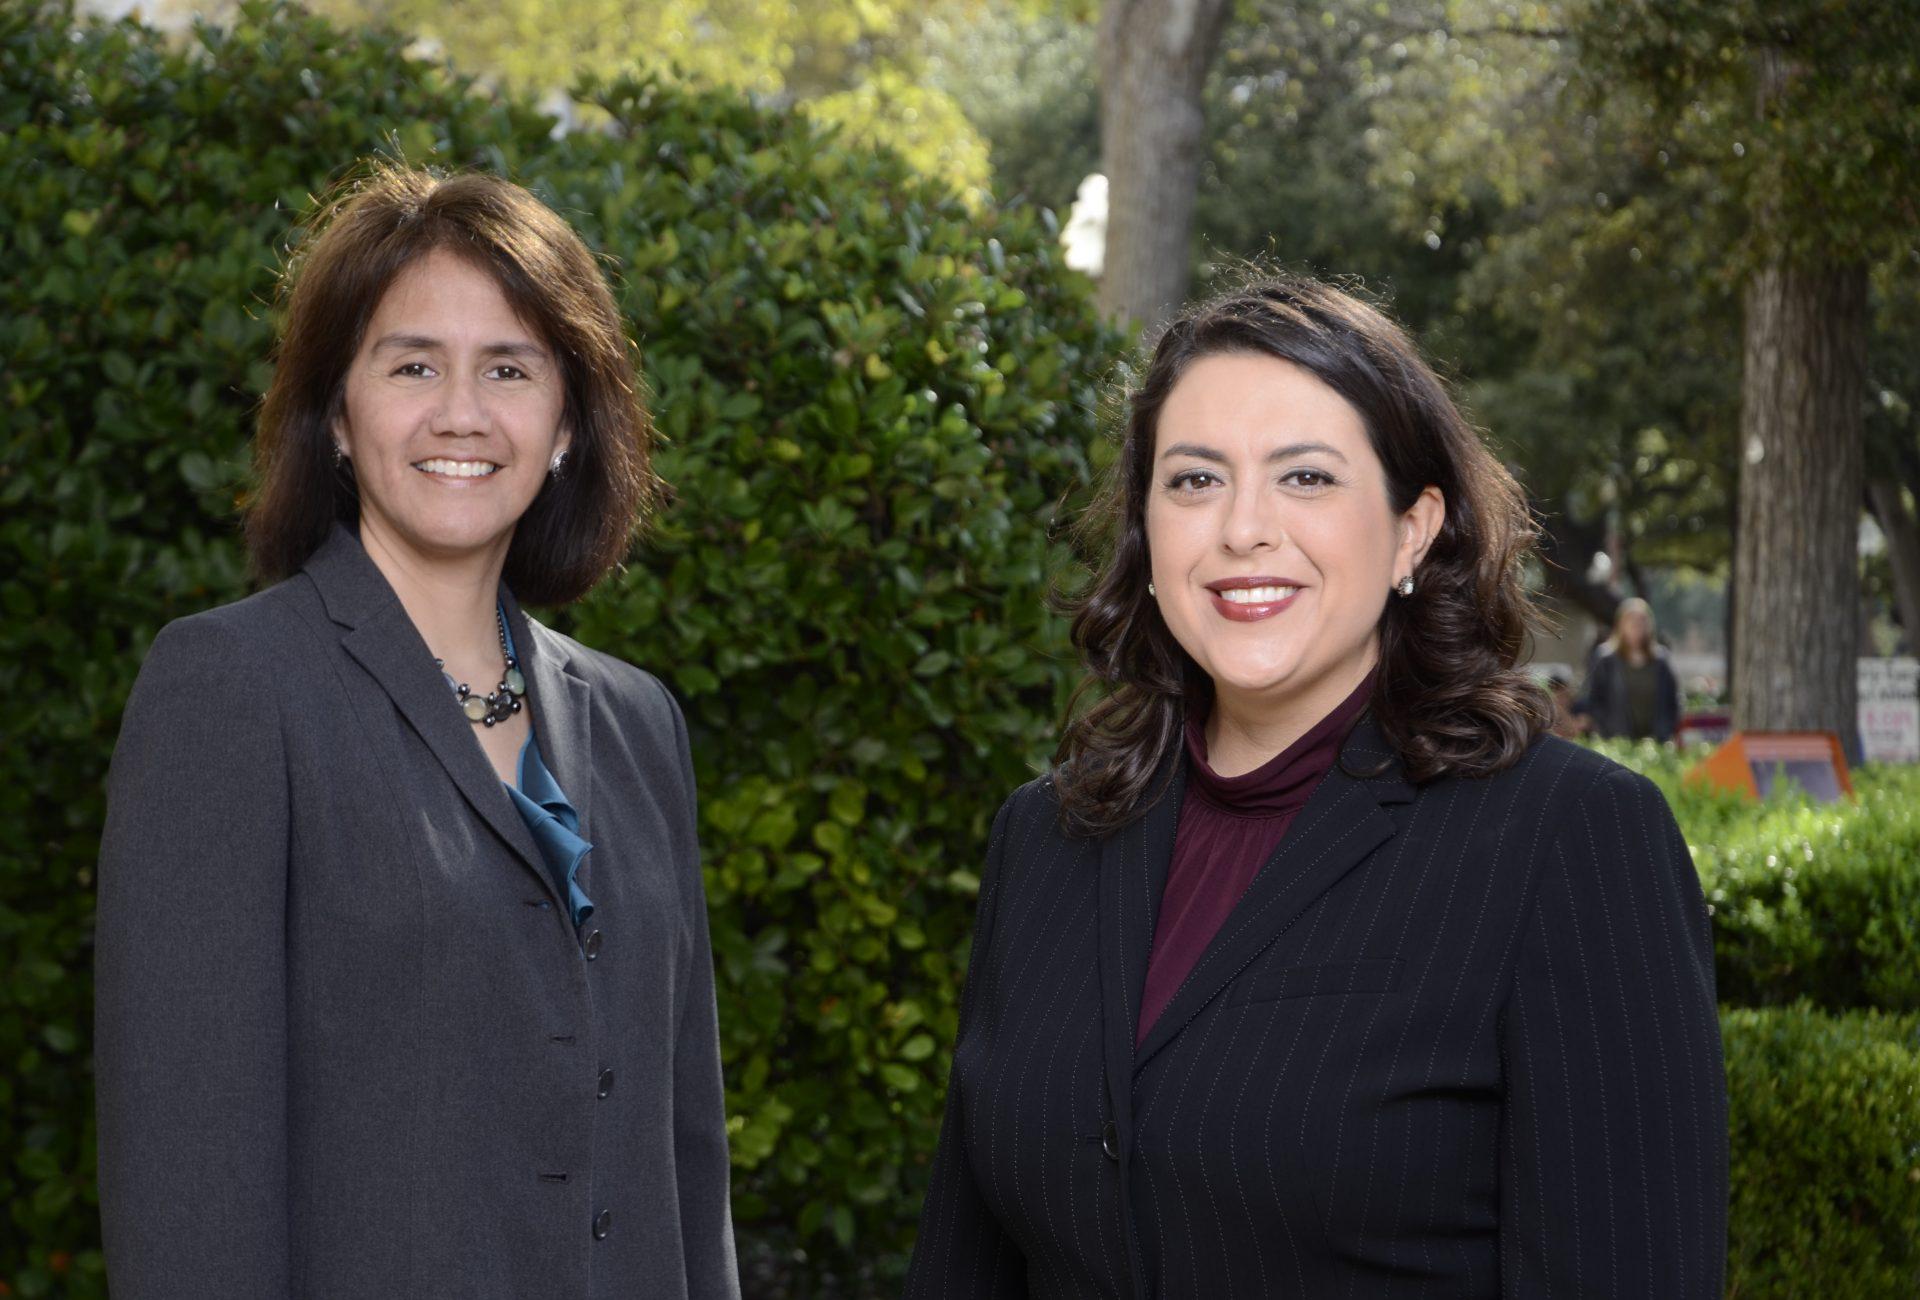 Dr. Domino Perez and Dr. Nicole Guidotti-Hernandez